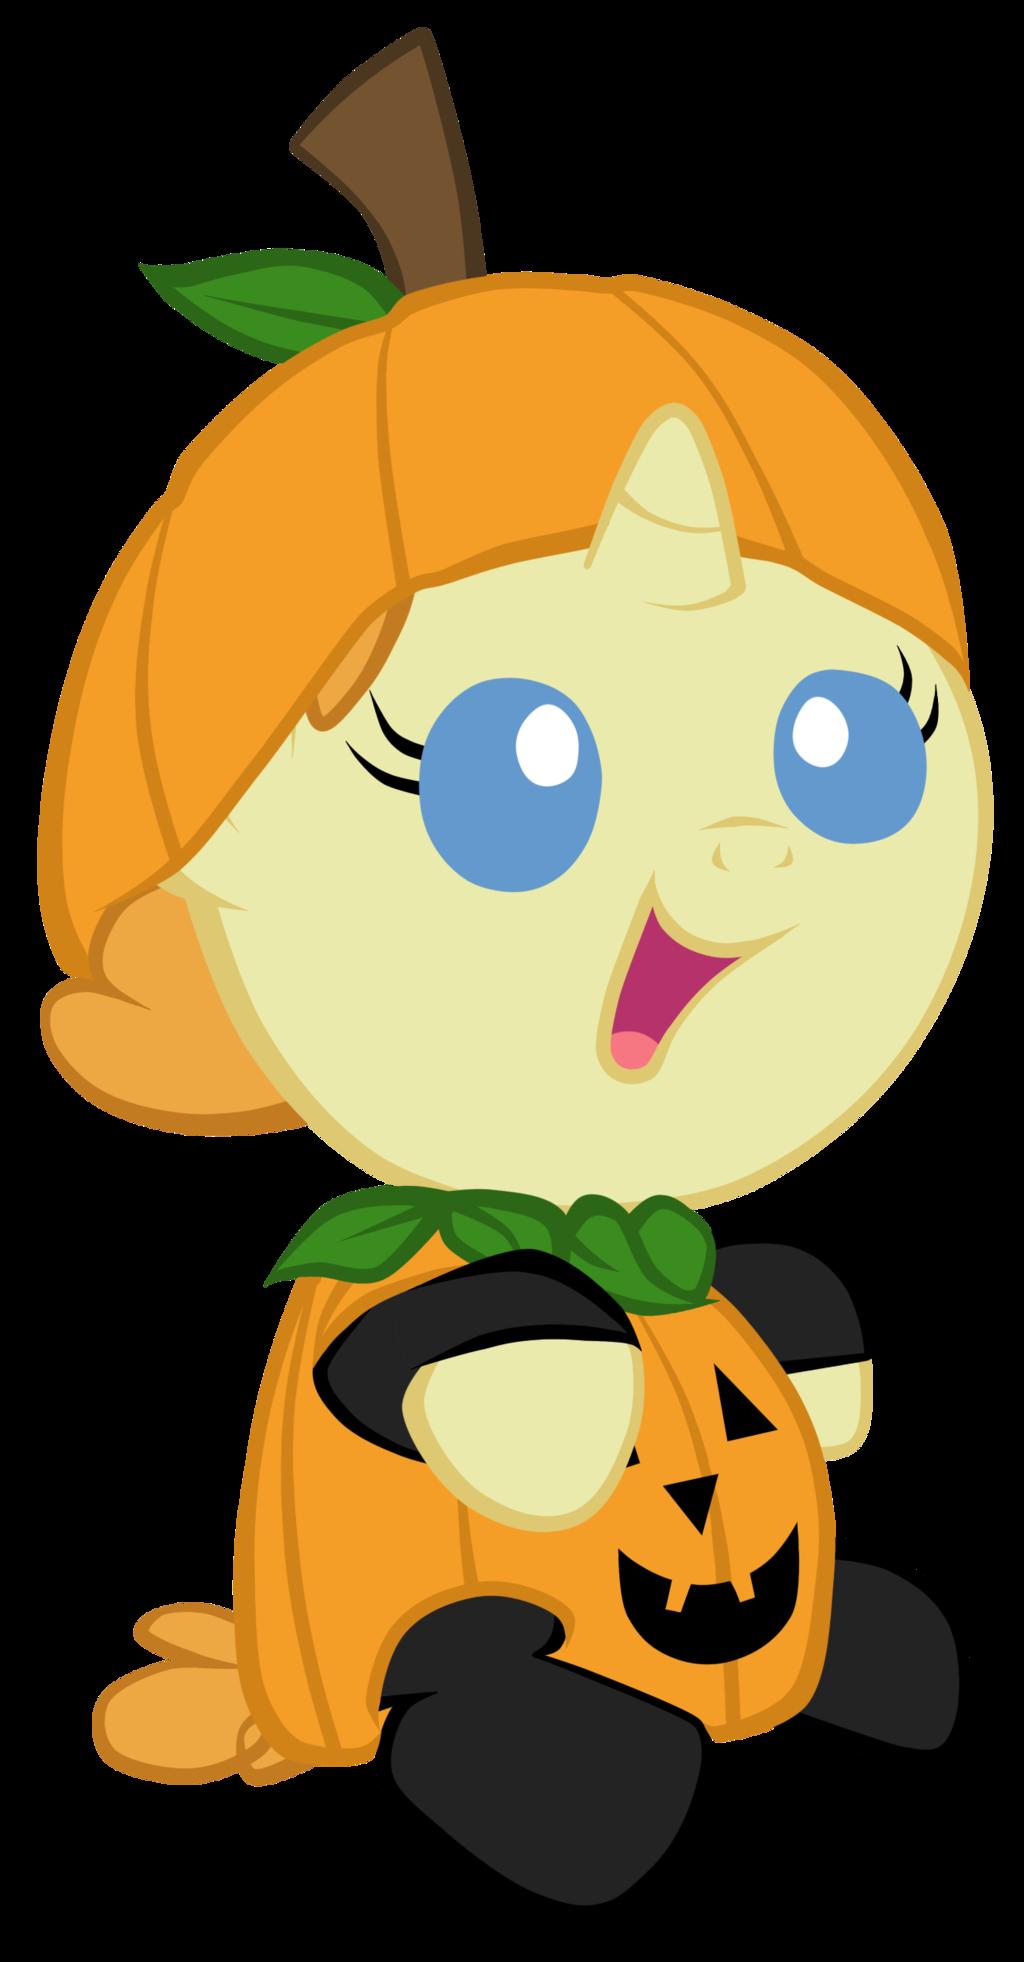 Rainbow pumpkin clipart vector freeuse Pumpkin Cake by Astanine.deviantart.com on @deviantART | My Little ... vector freeuse